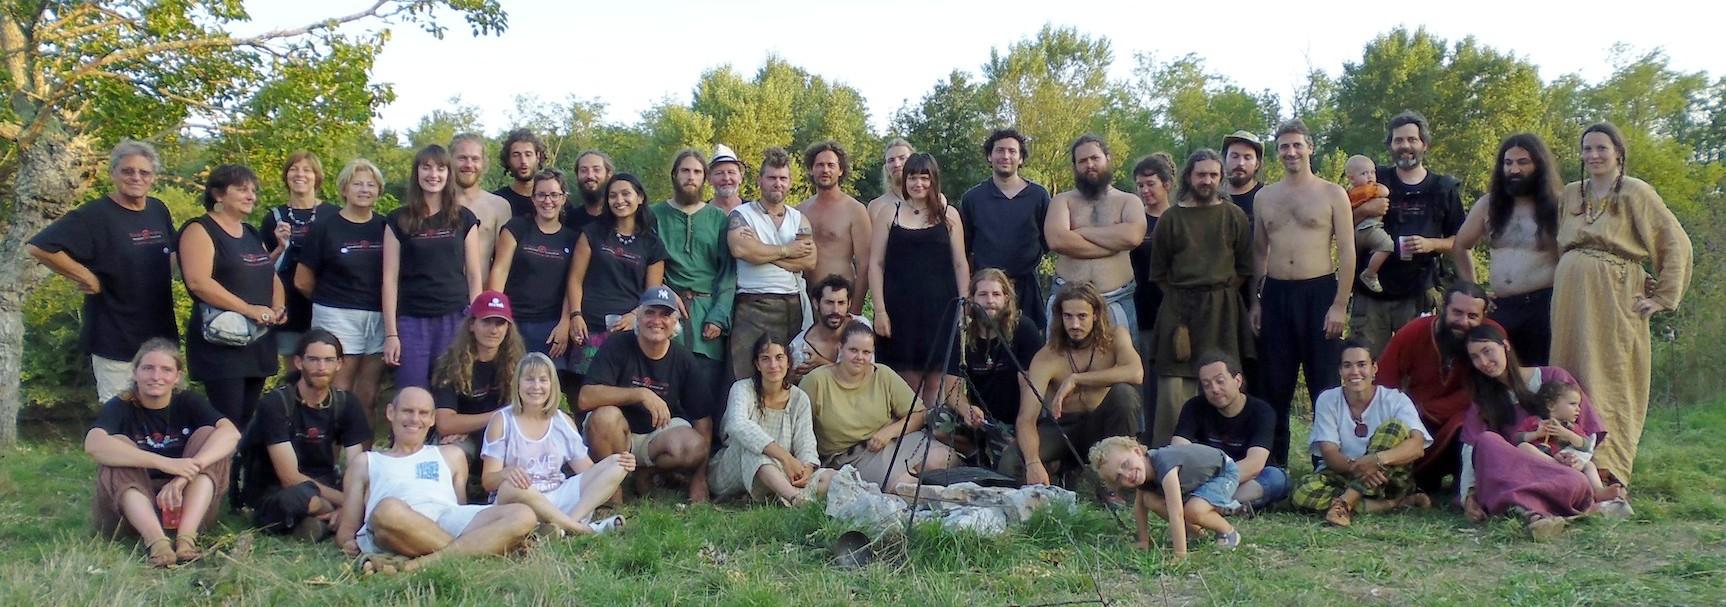 Randa Ardesca Archéosite d'Ardèche - L'association Helviorum en 2013